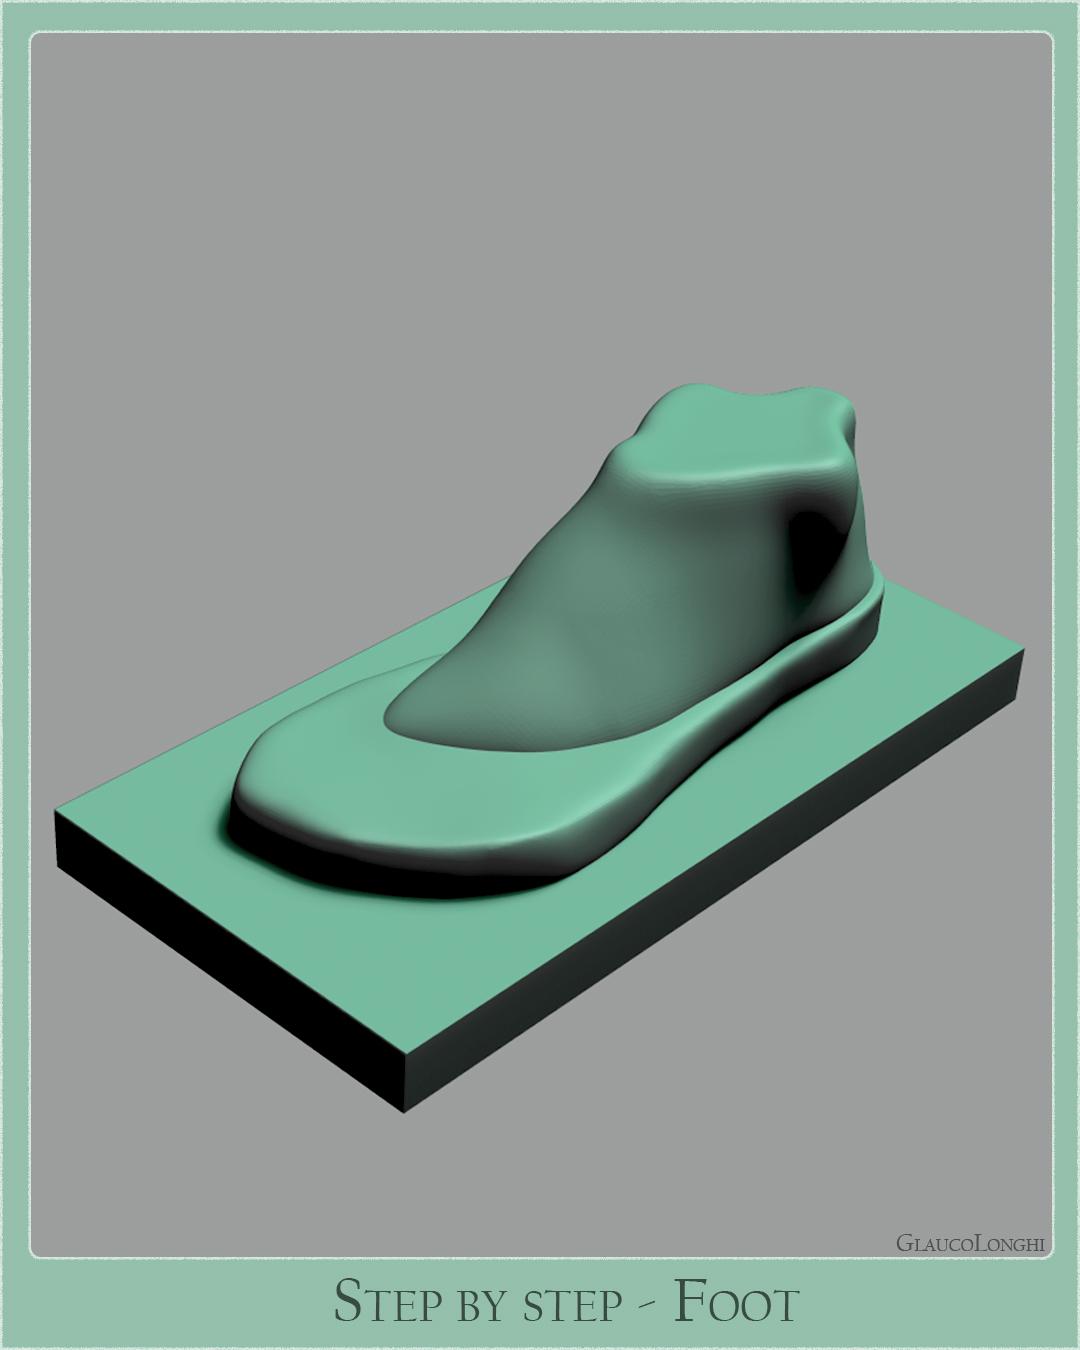 sbs_foot_03a.jpg